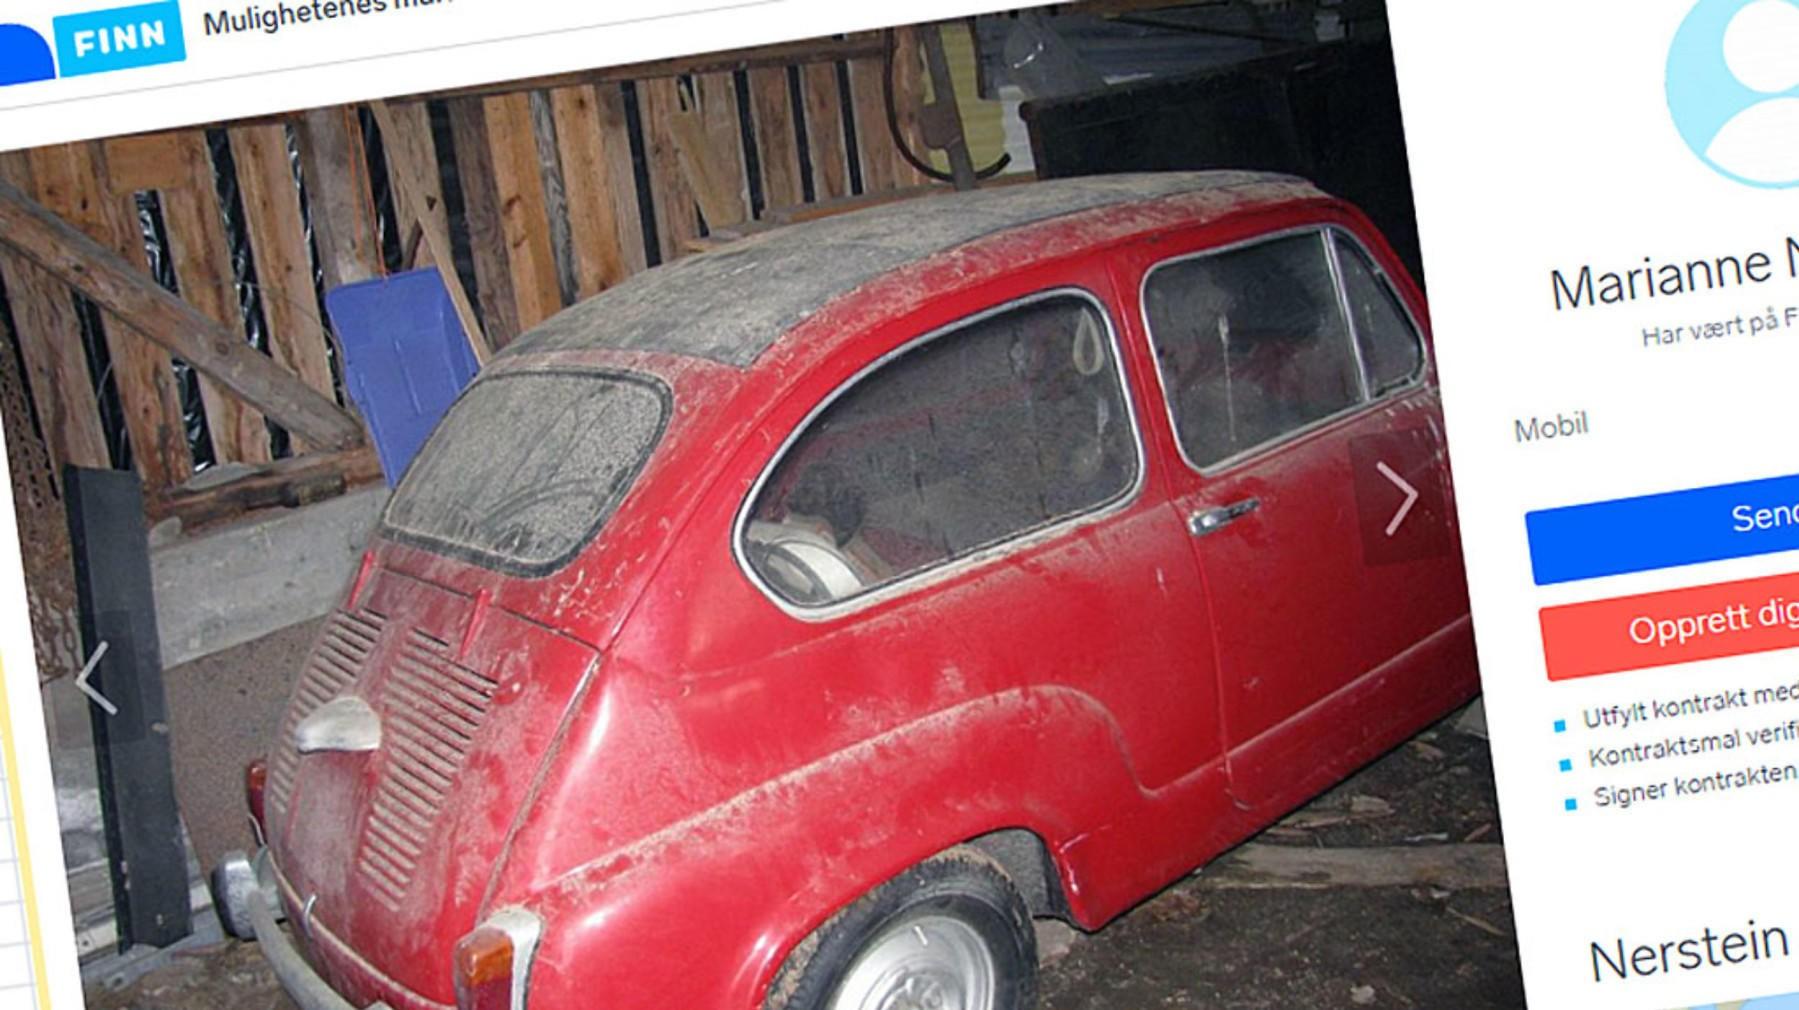 Denne sjeldne bilen ble satt på låven i 1987. Siden har den stått der, men nå skal den selges.